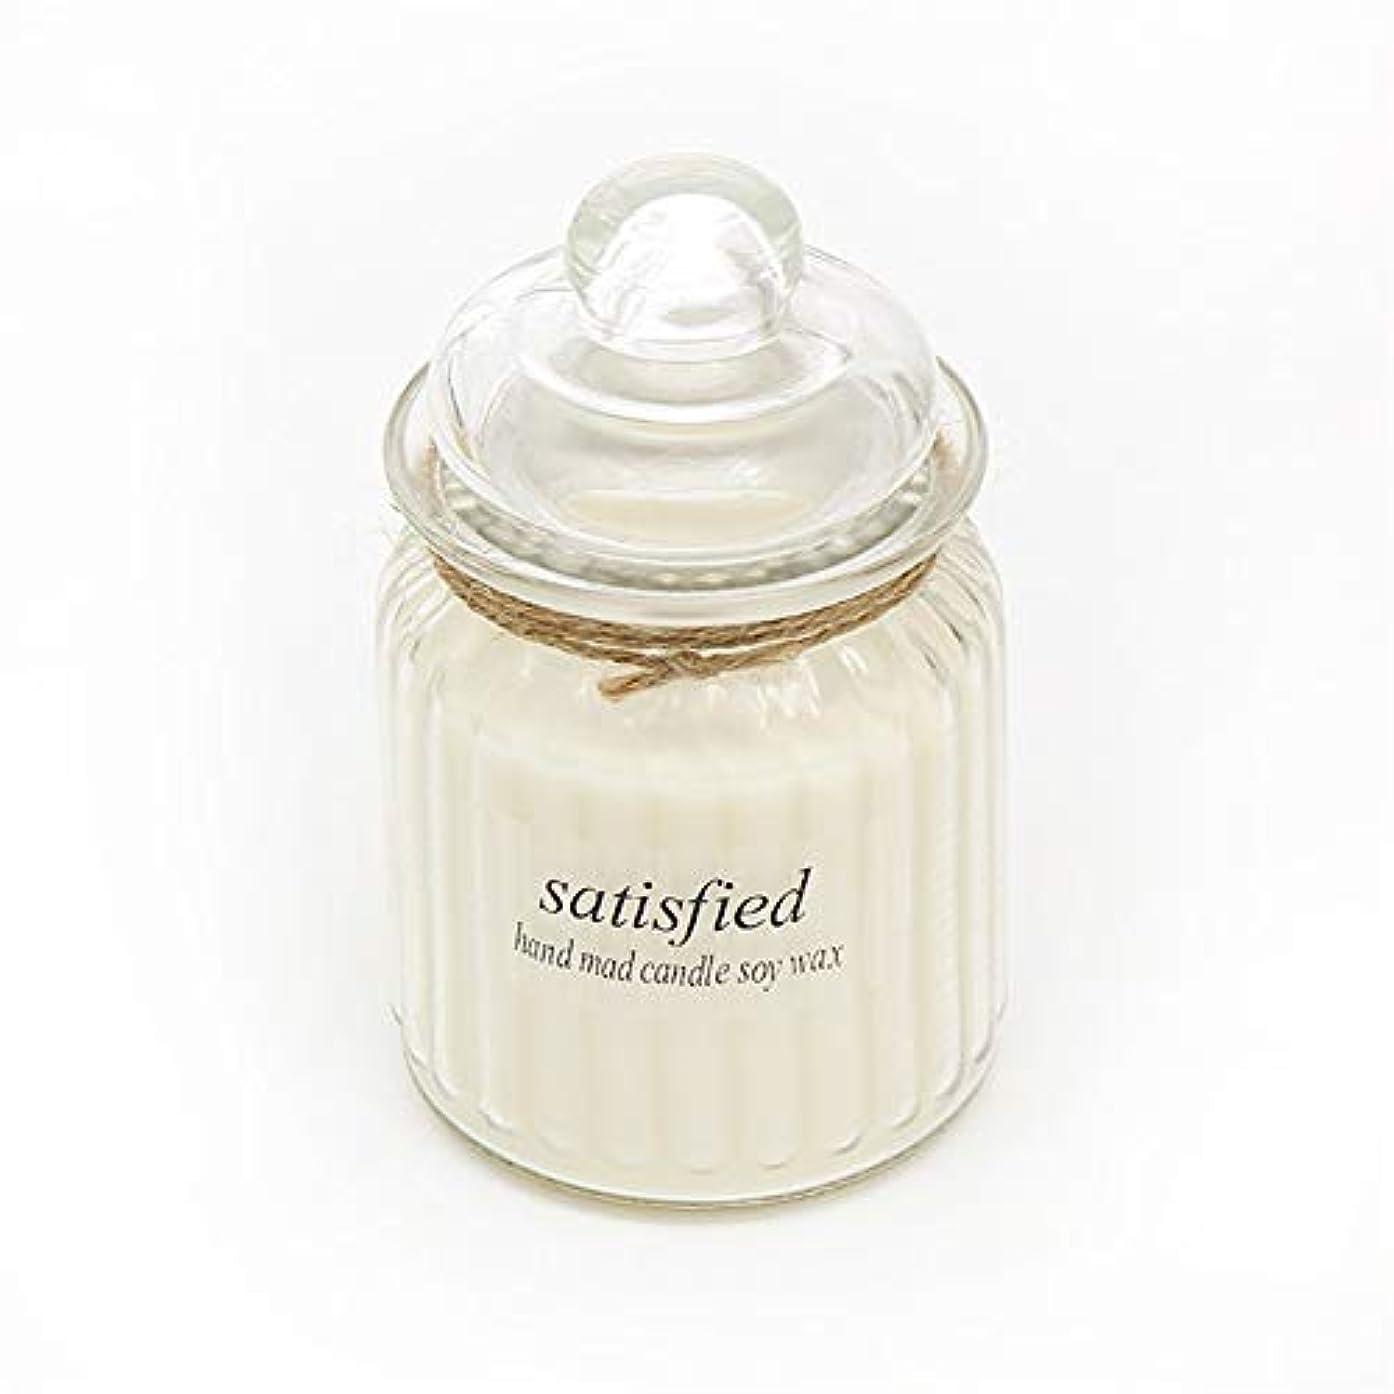 服を洗うハリケーンパウダーZtian ガラスアロマセラピーガラス無毒環境にやさしい用品キャンドル長持ちする香り (色 : Mint)